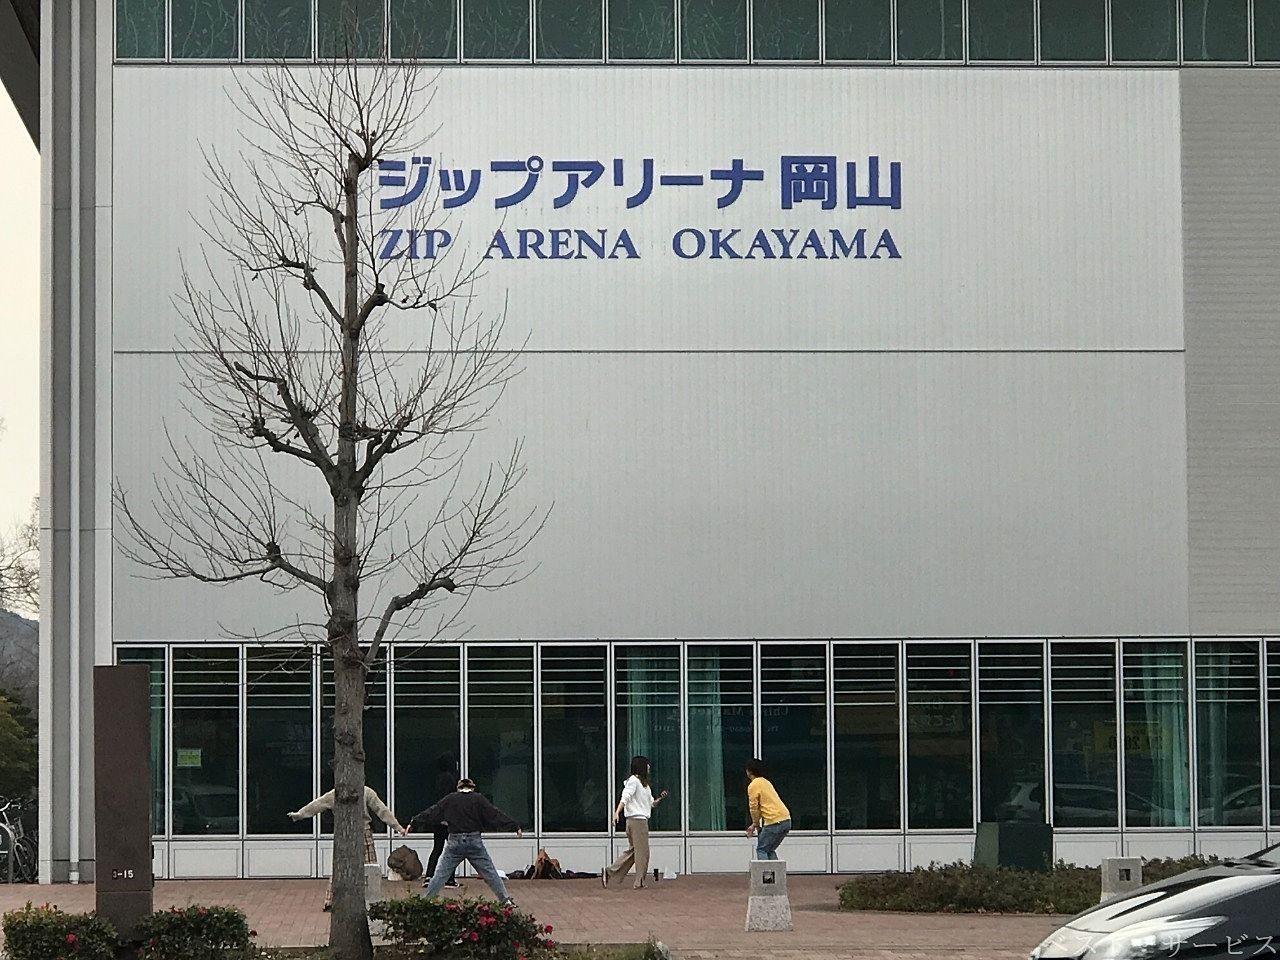 岡山県総合グラウンド「ジップアリーナ岡山」前